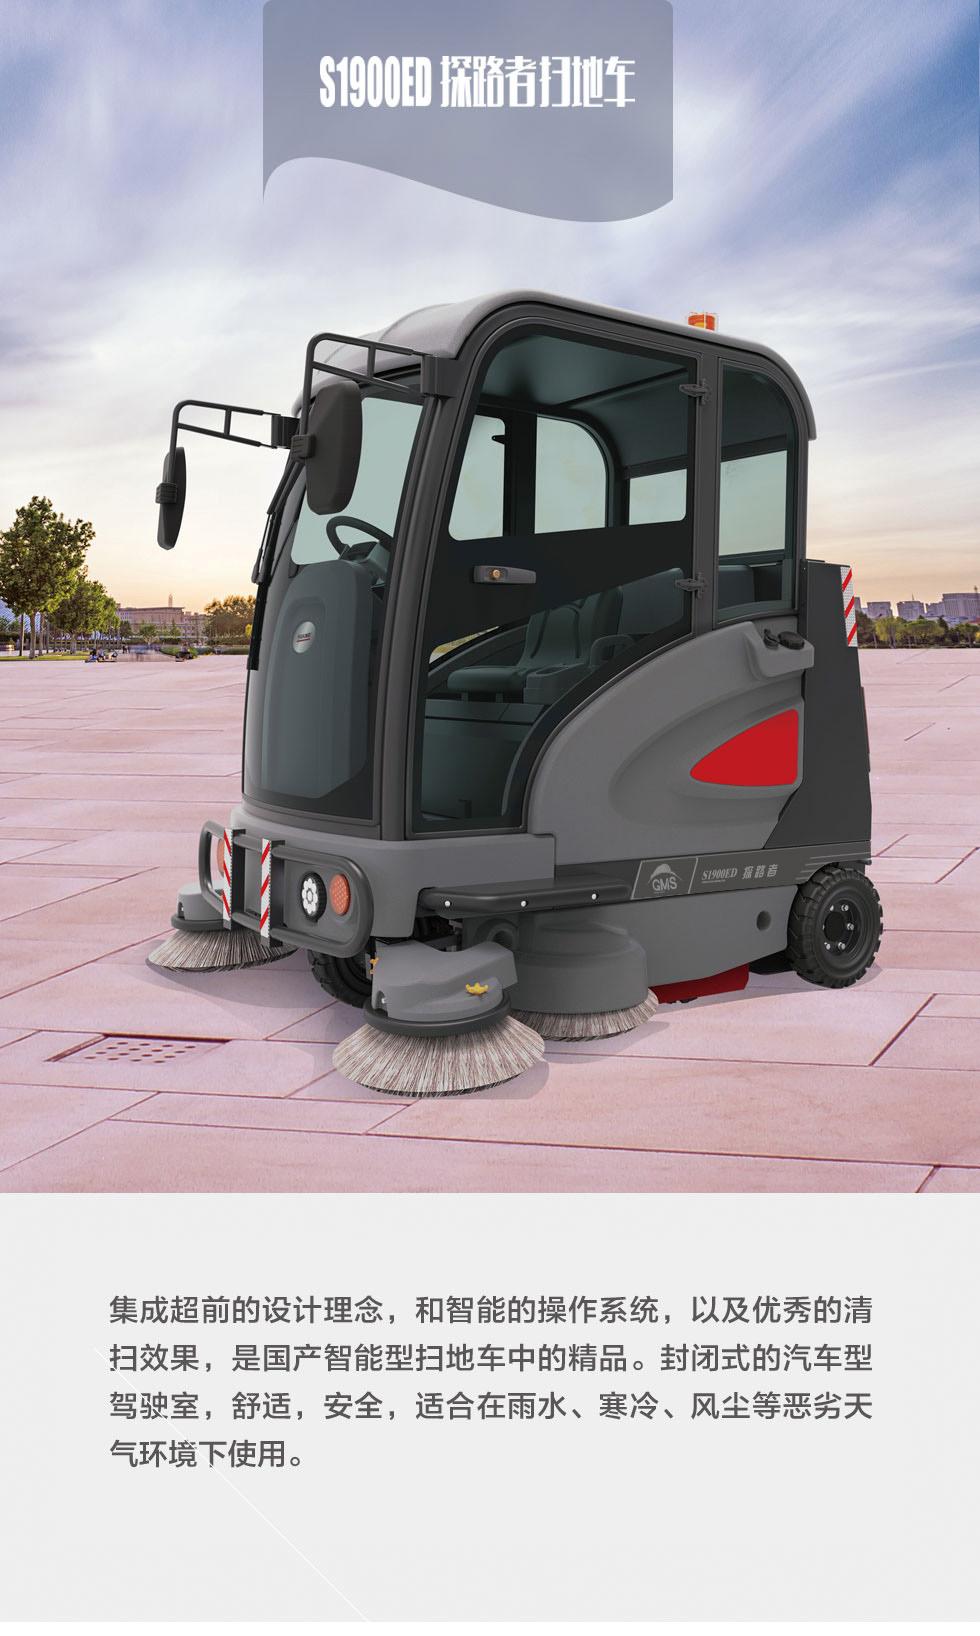 智能扫地机器人